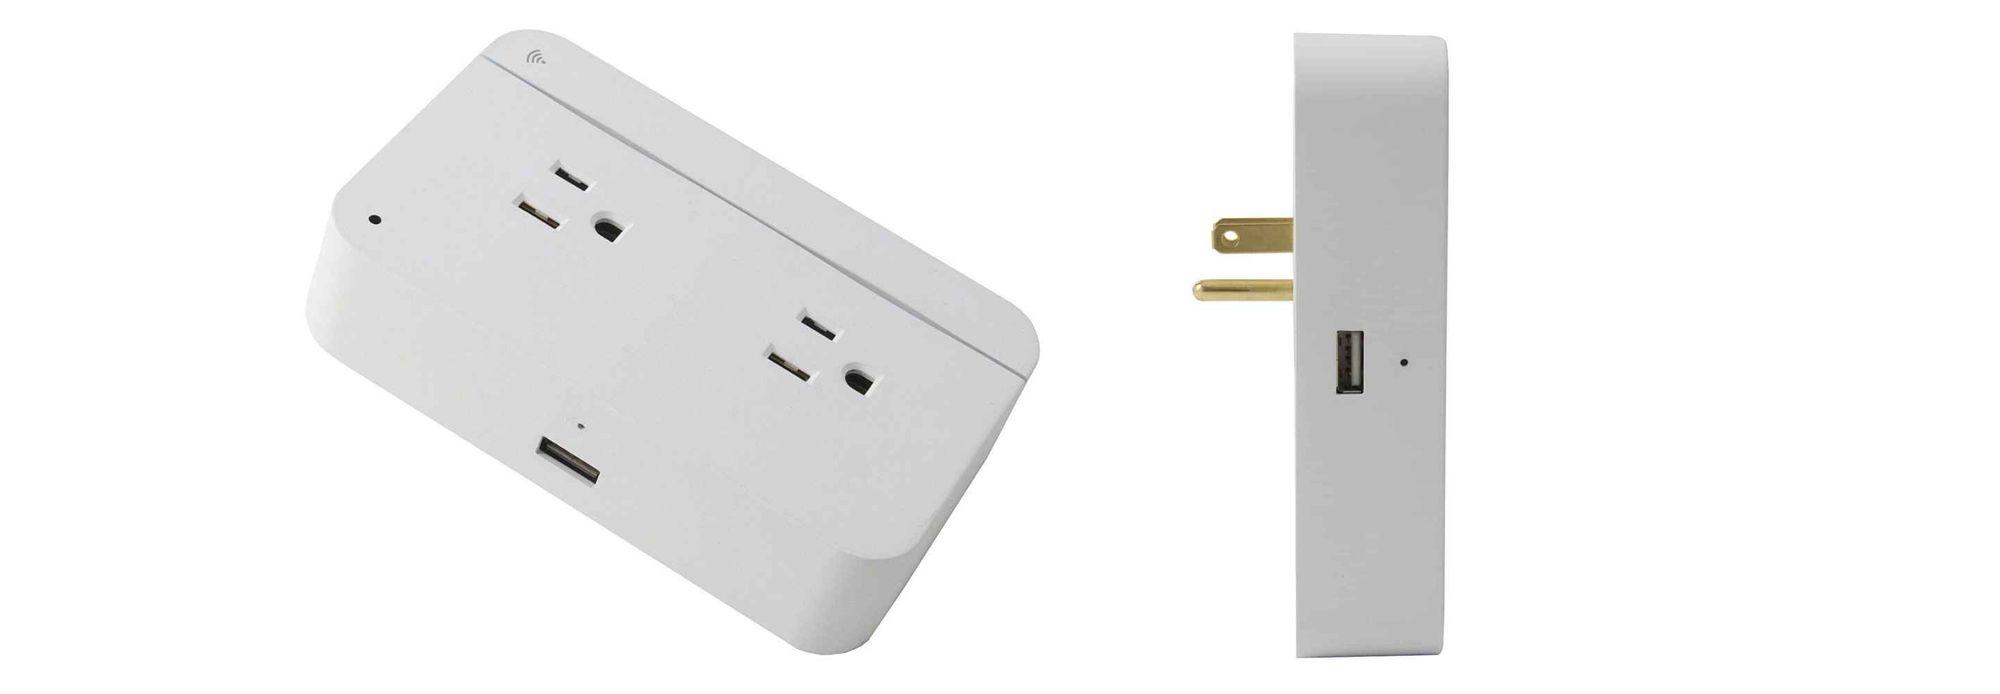 connectsense-smart-outlet2